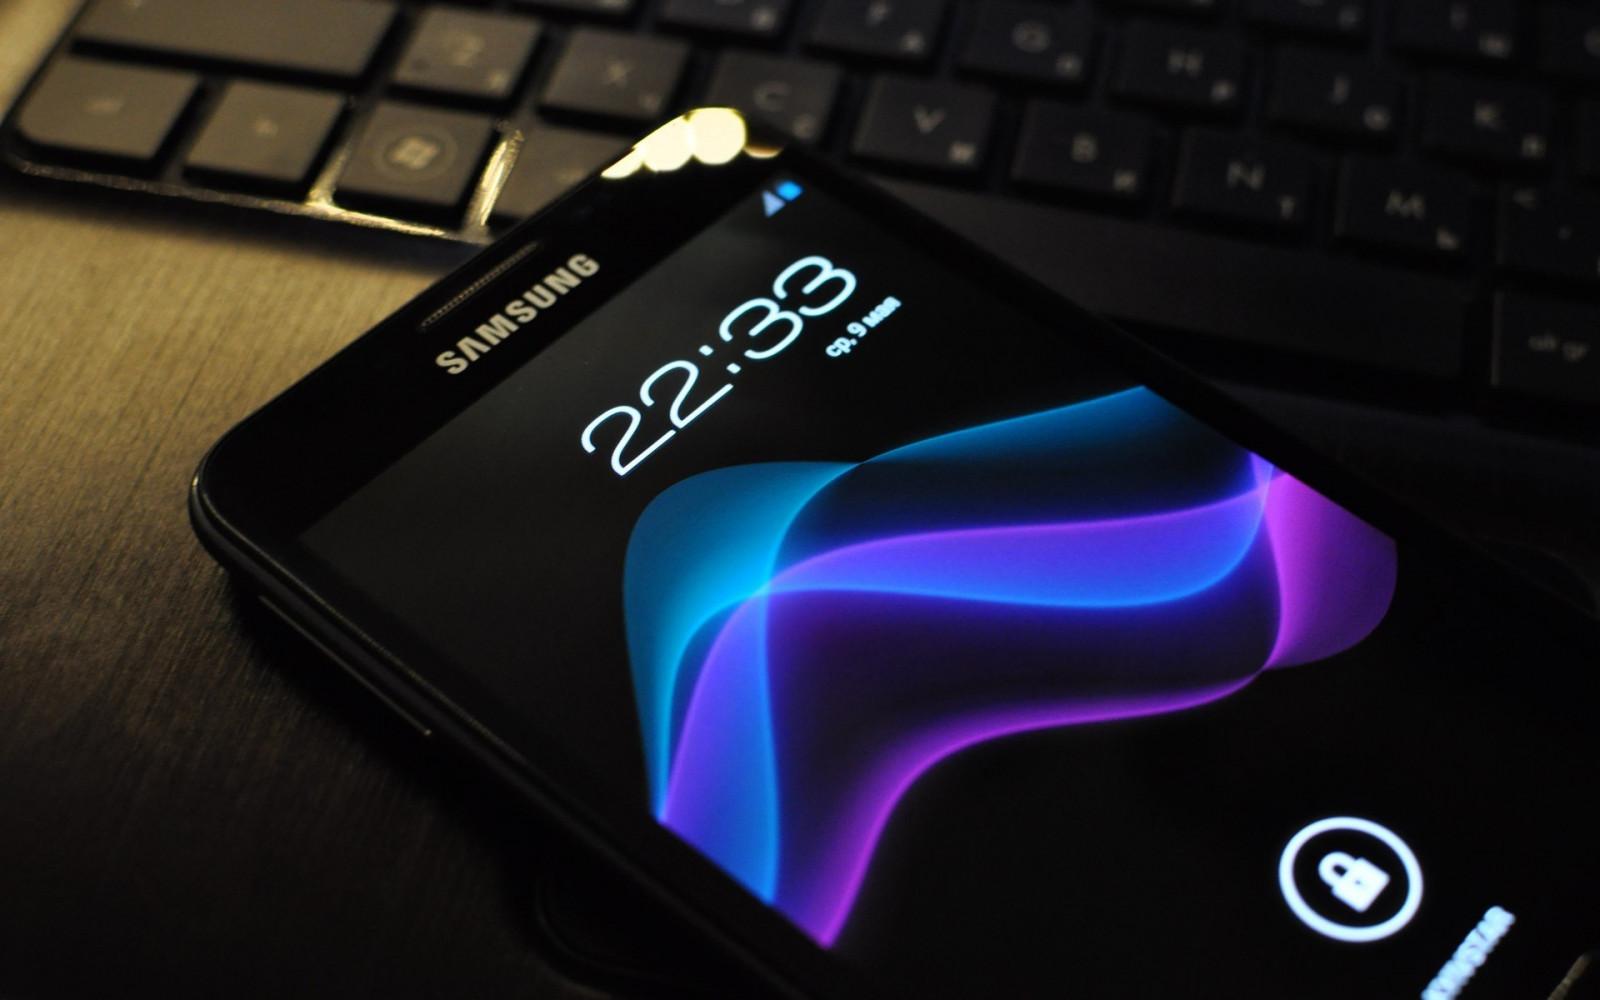 Fond d'écran : Samsung, La technologie, portable, Claviers, téléphone intelligent, marque ...